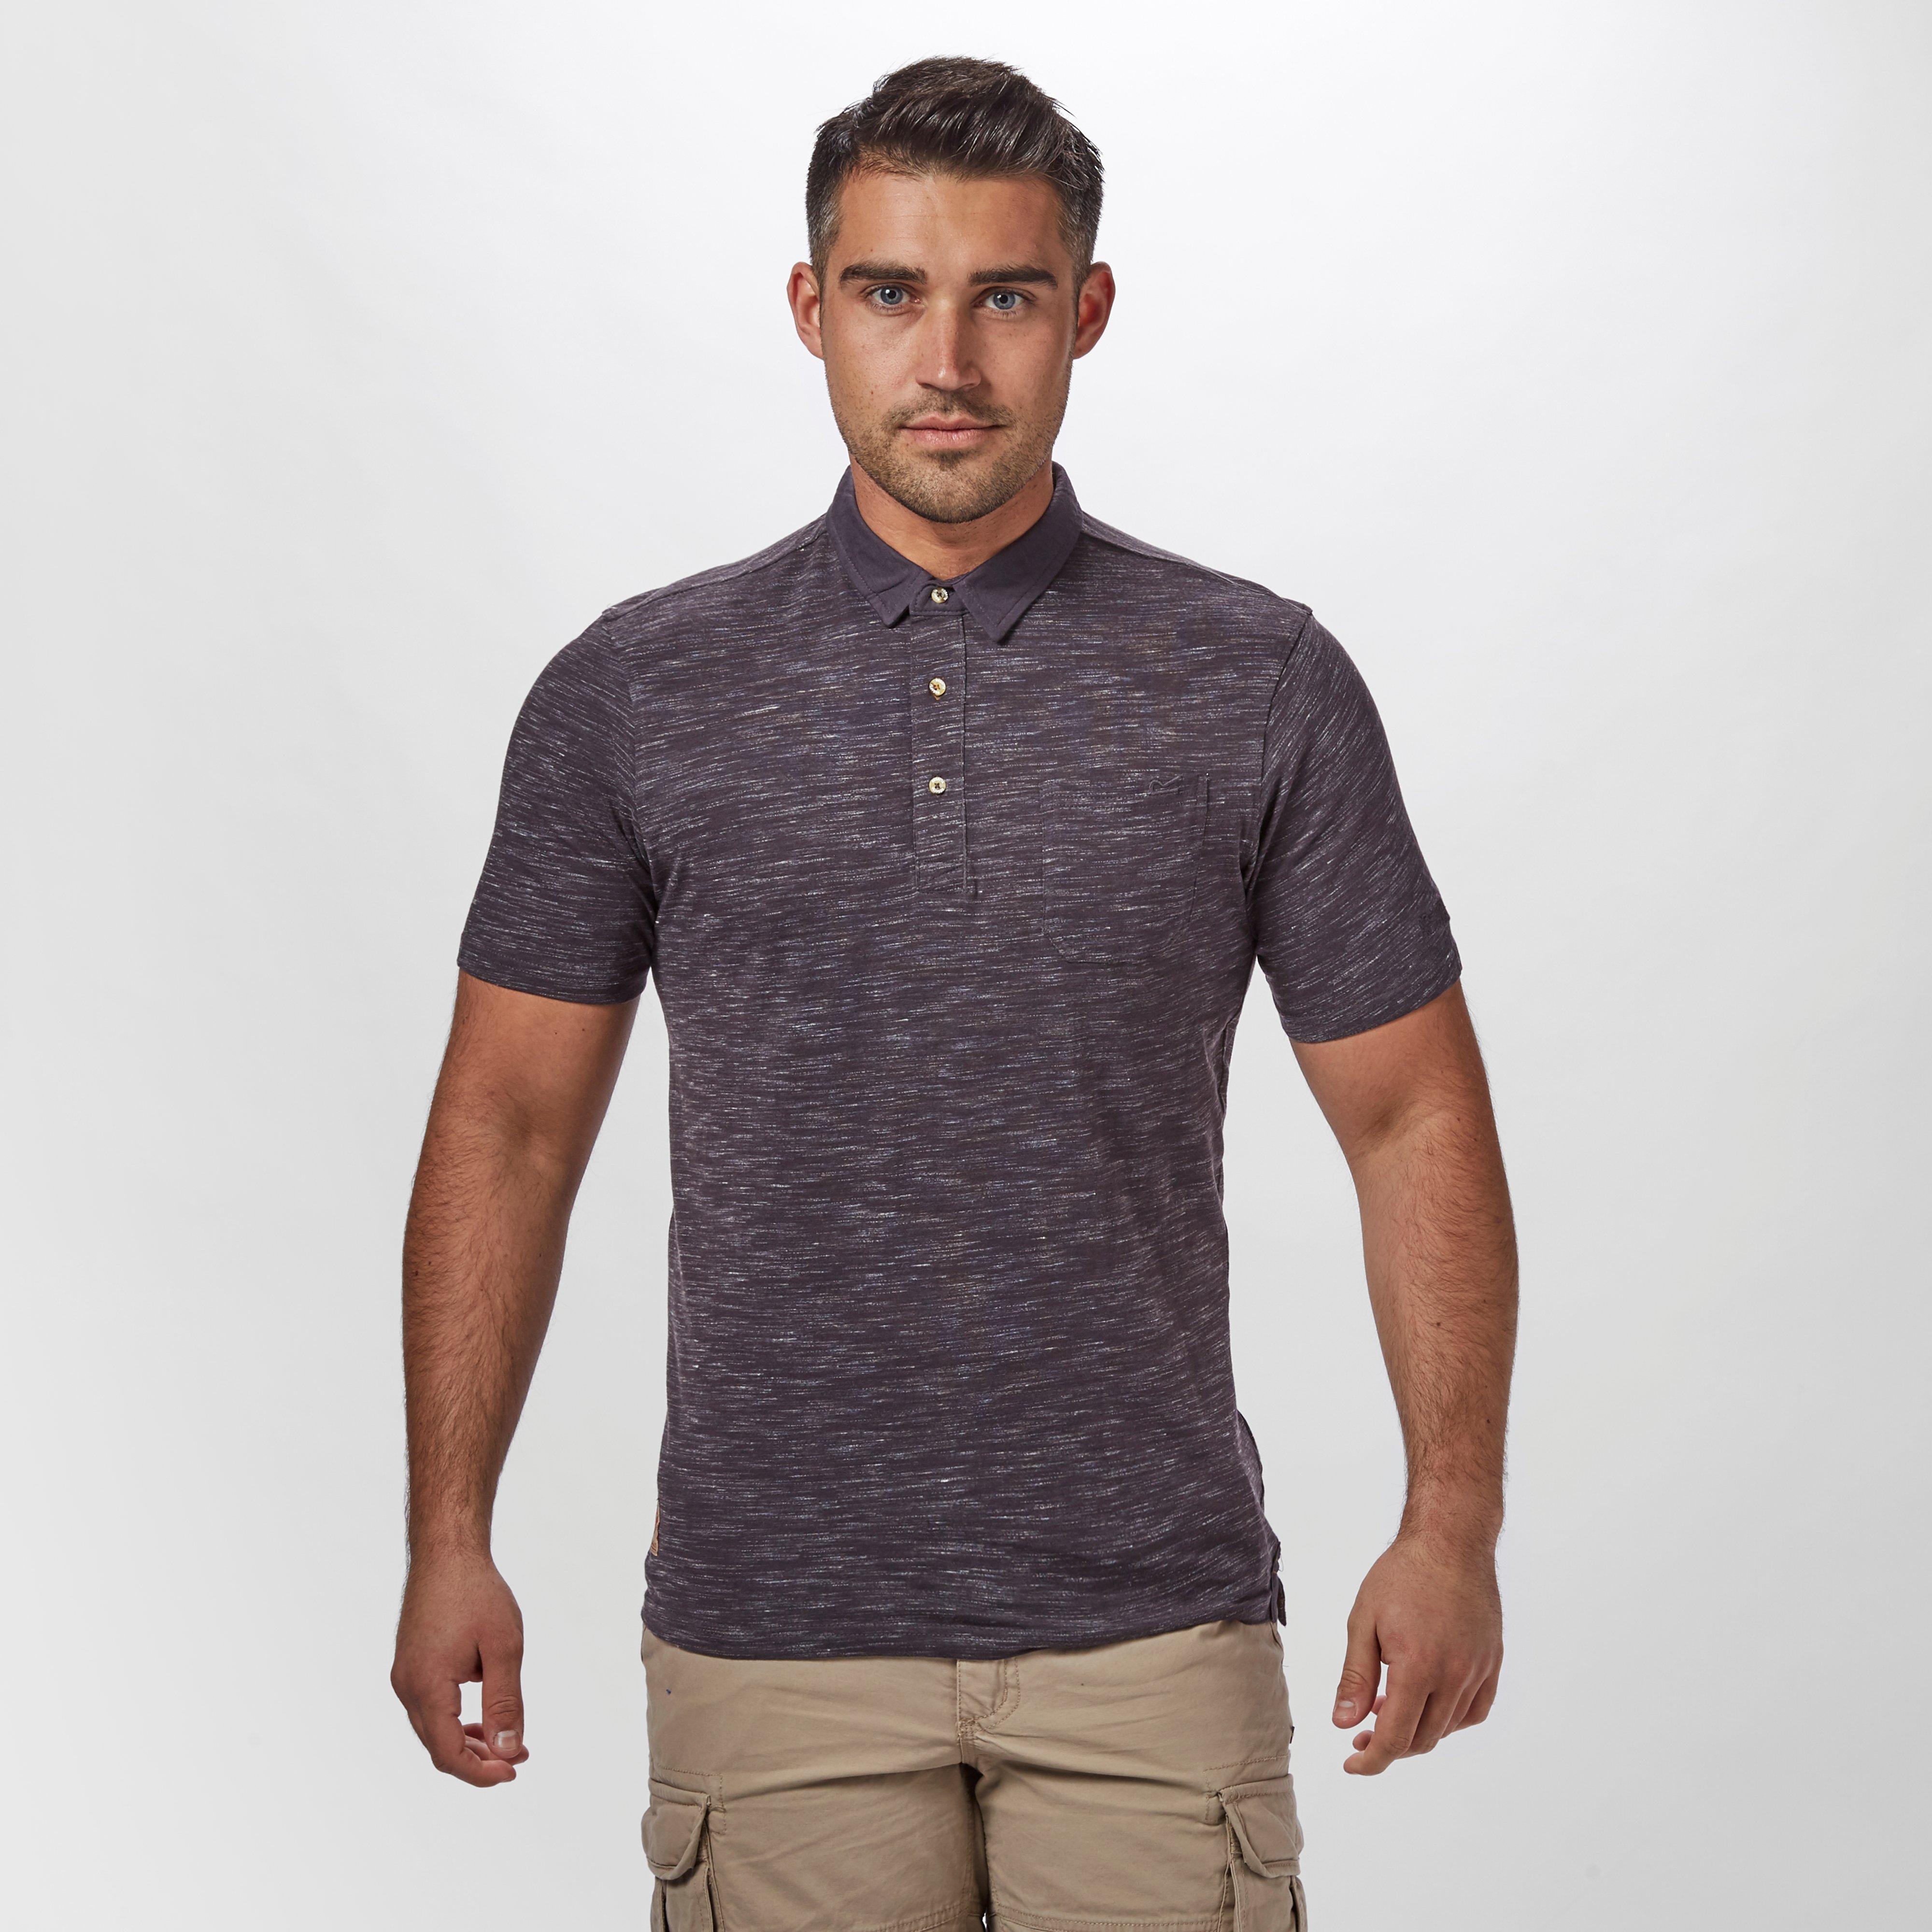 Regatta Regatta Mens Pawel Polo Shirt - Grey, Grey